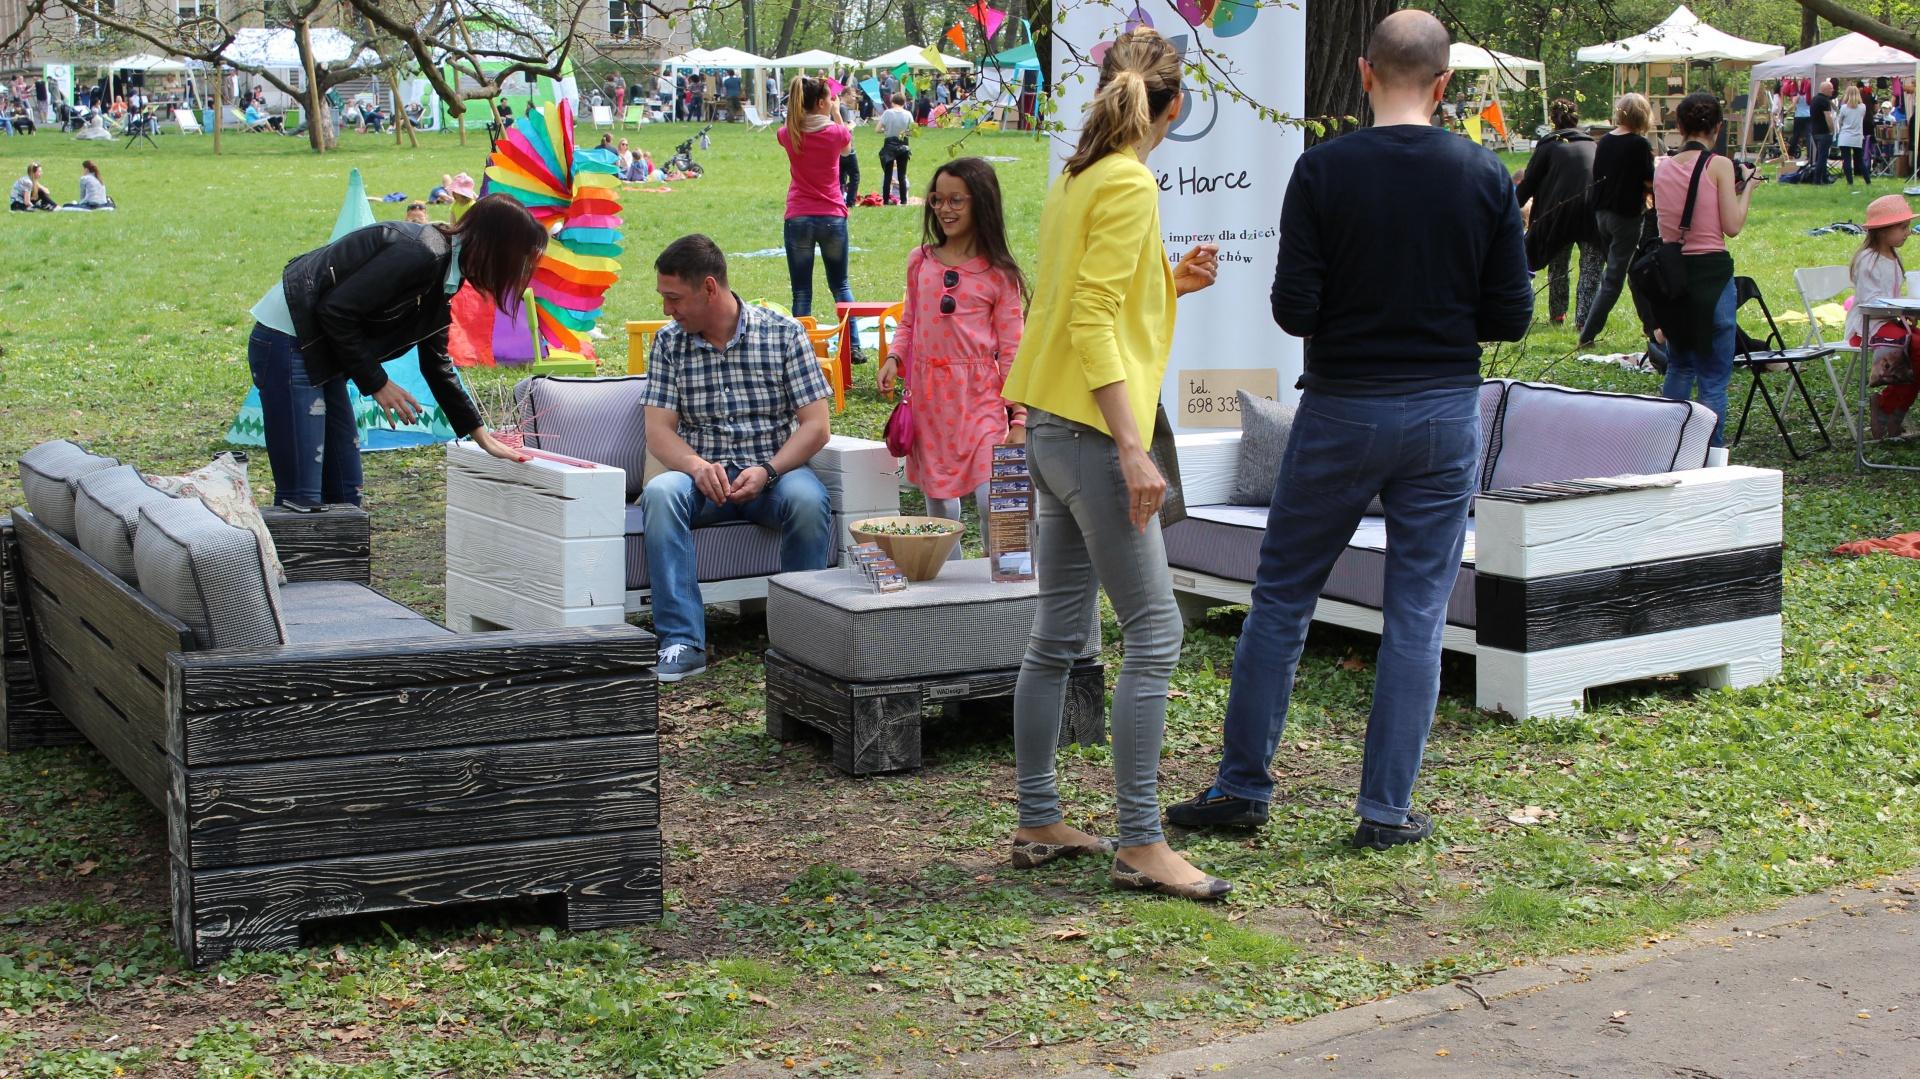 Meble ogrodowe WaDesign prezentowane podczas kwietniowych Targów Wzory w Ogrodzie Fot. Piotr Sawczuk